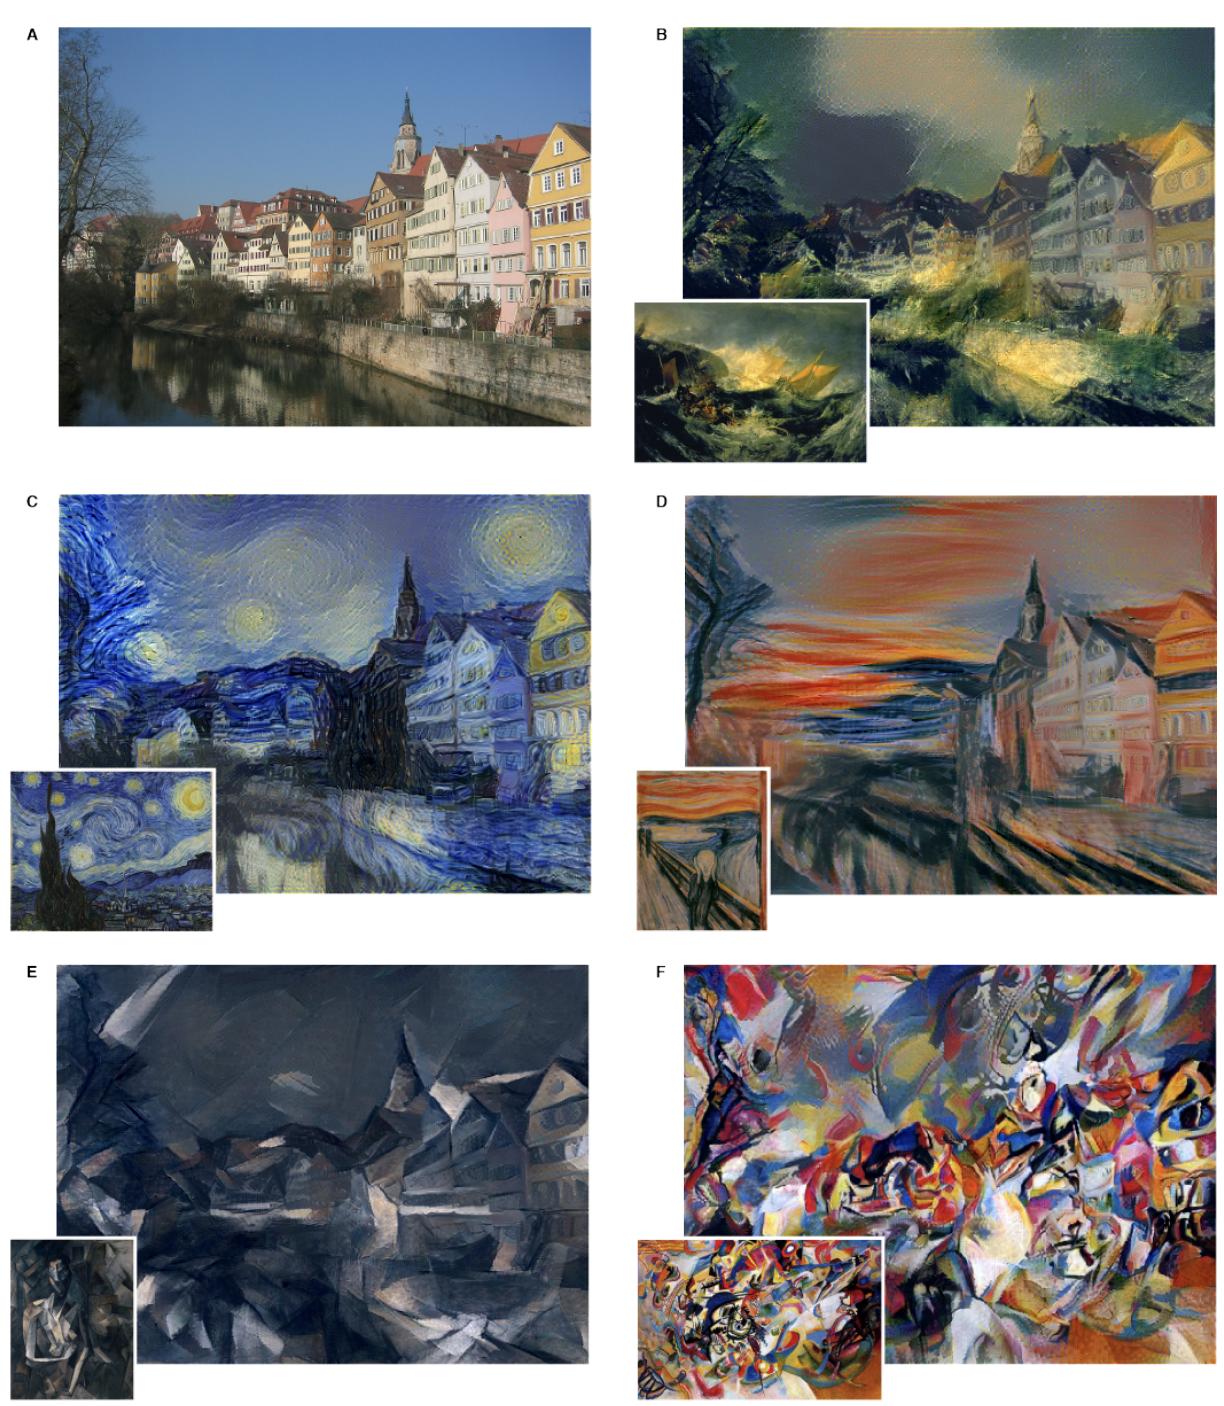 imagens de várias pinturas famosas, como Noite Estrelada de Van Gogh, e O Grito de Edvard Munch, e figuras feitas à derivação dos quadros, com padrões de cores e direções.